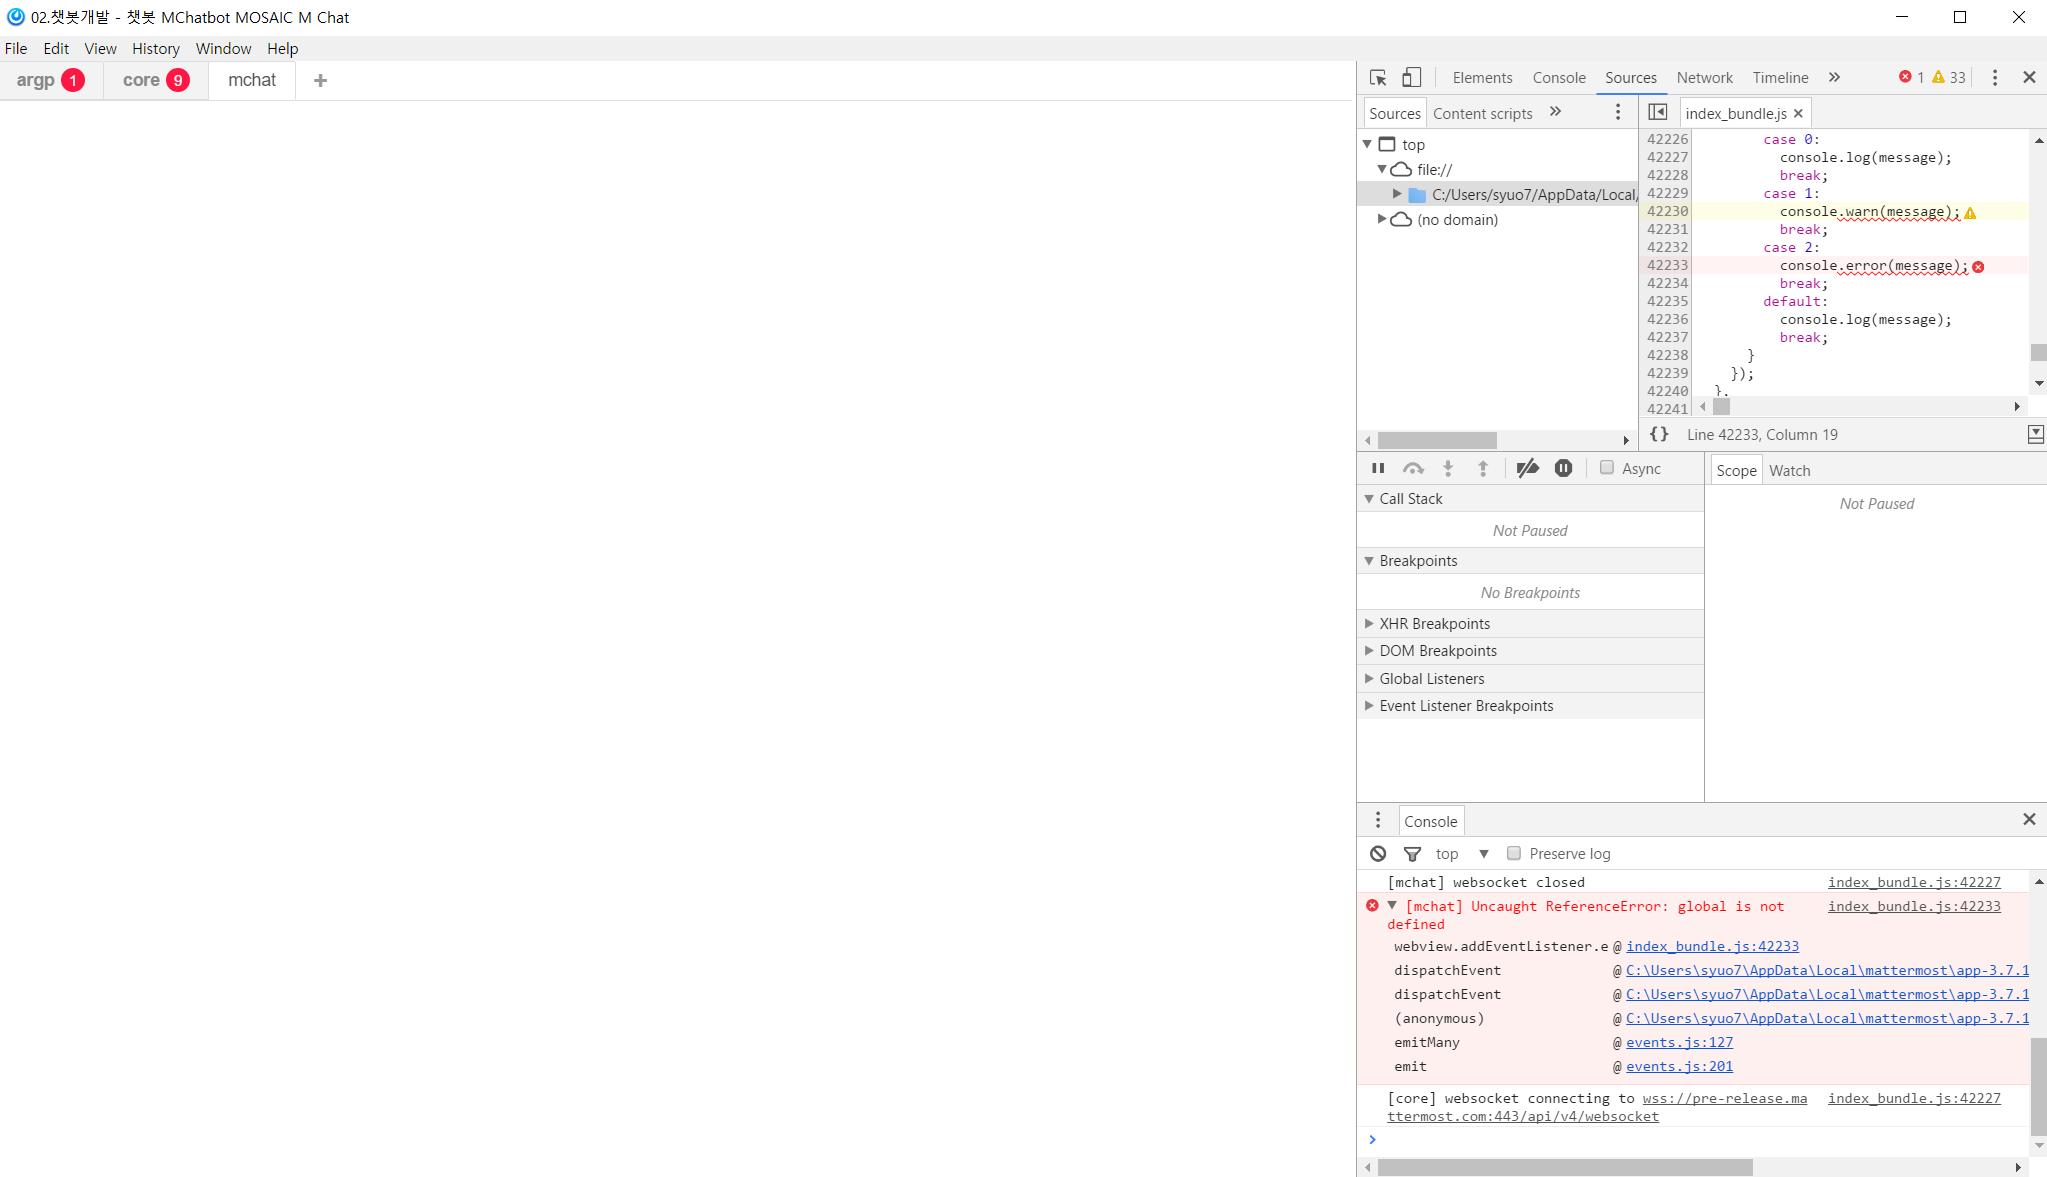 Page loads blank (plain black/white screen) in Desktop App